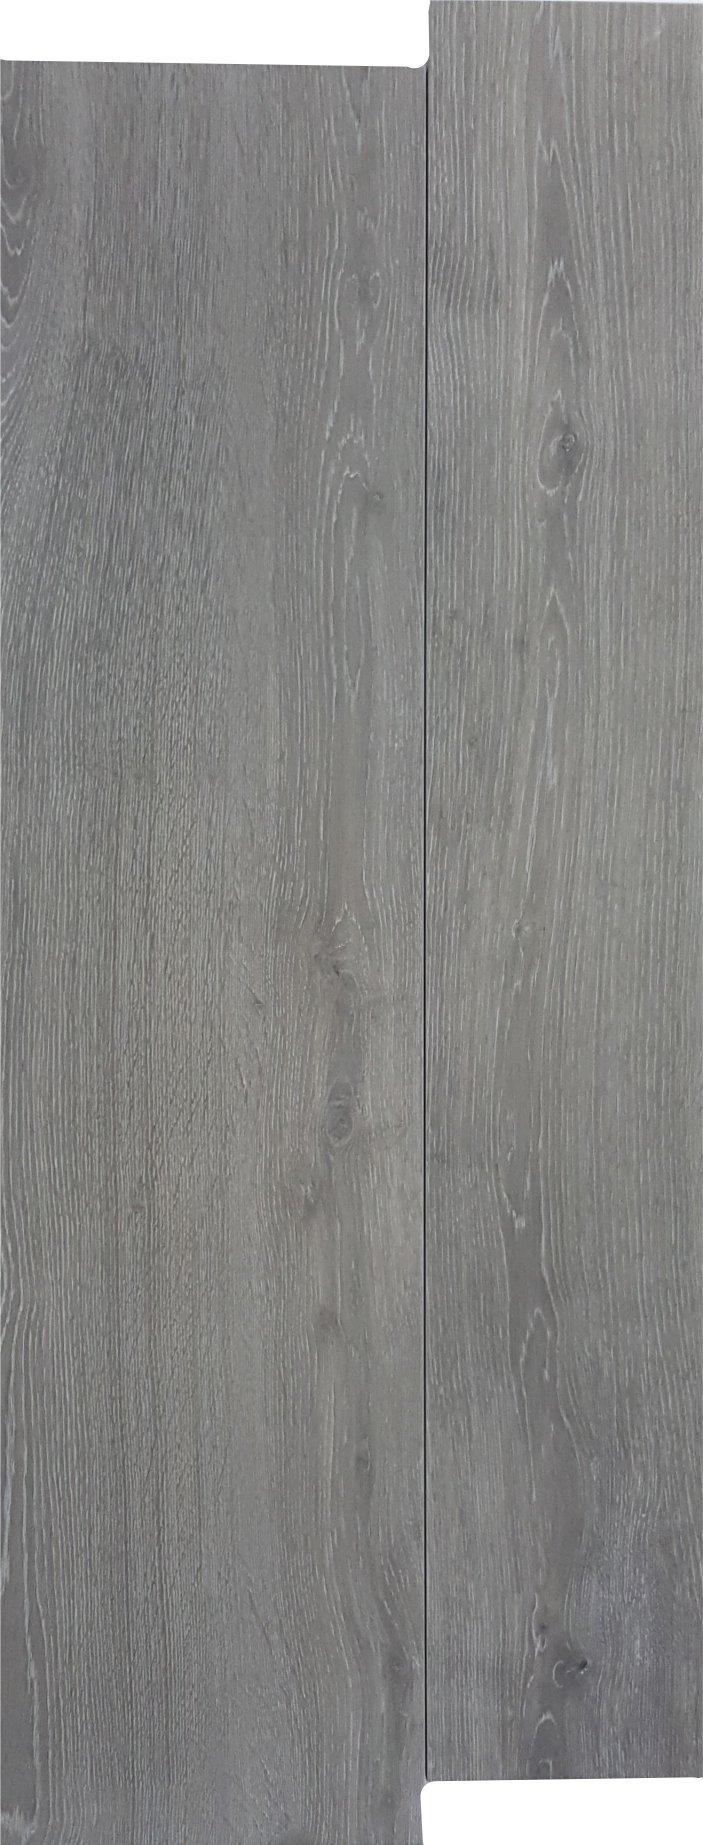 Oak Spazzolato